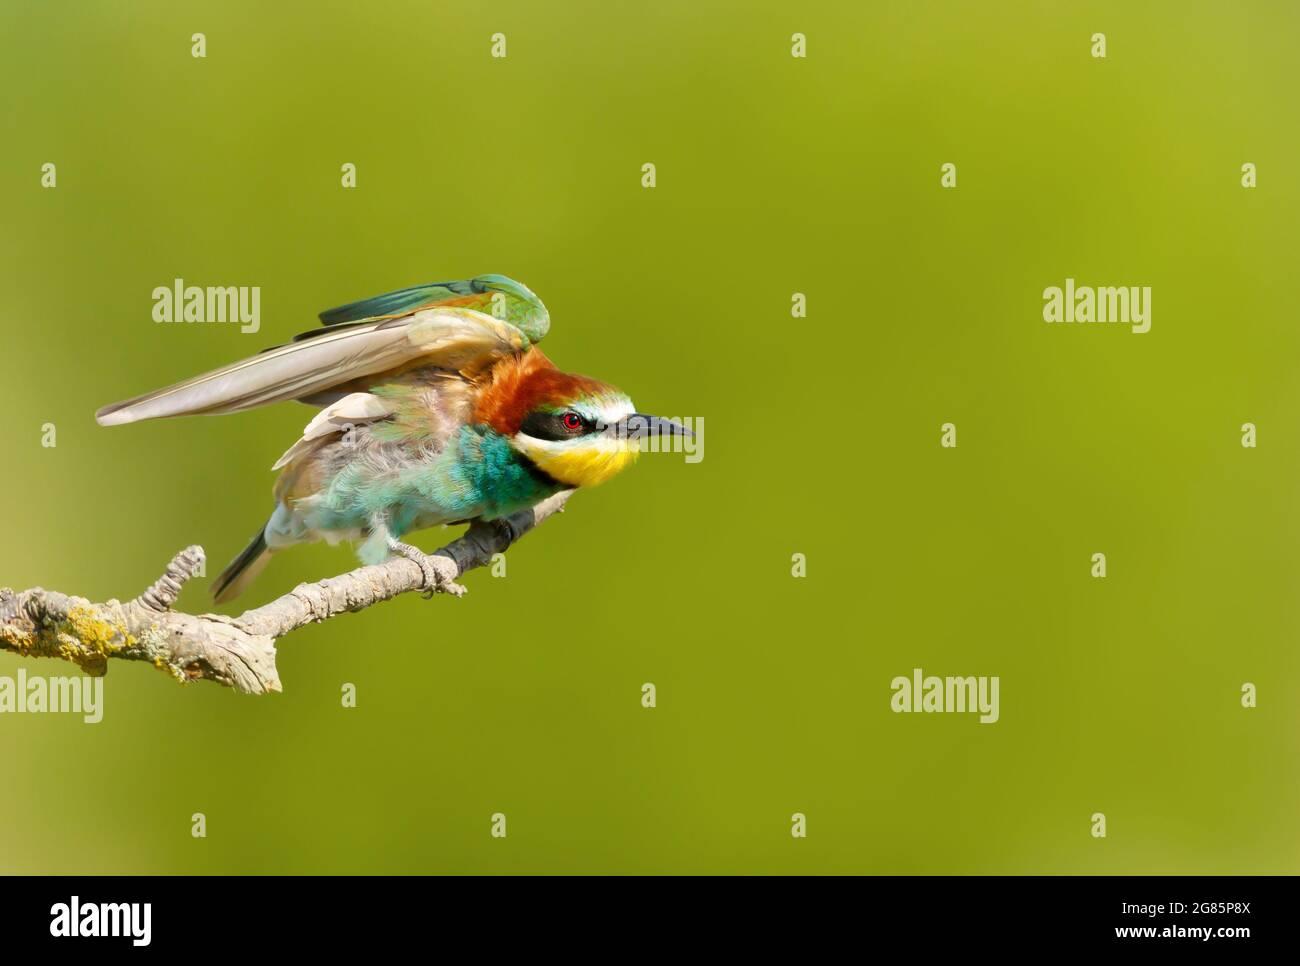 Retrato de un Bee-eater encaramado en verano, Bulgaria. Foto de stock